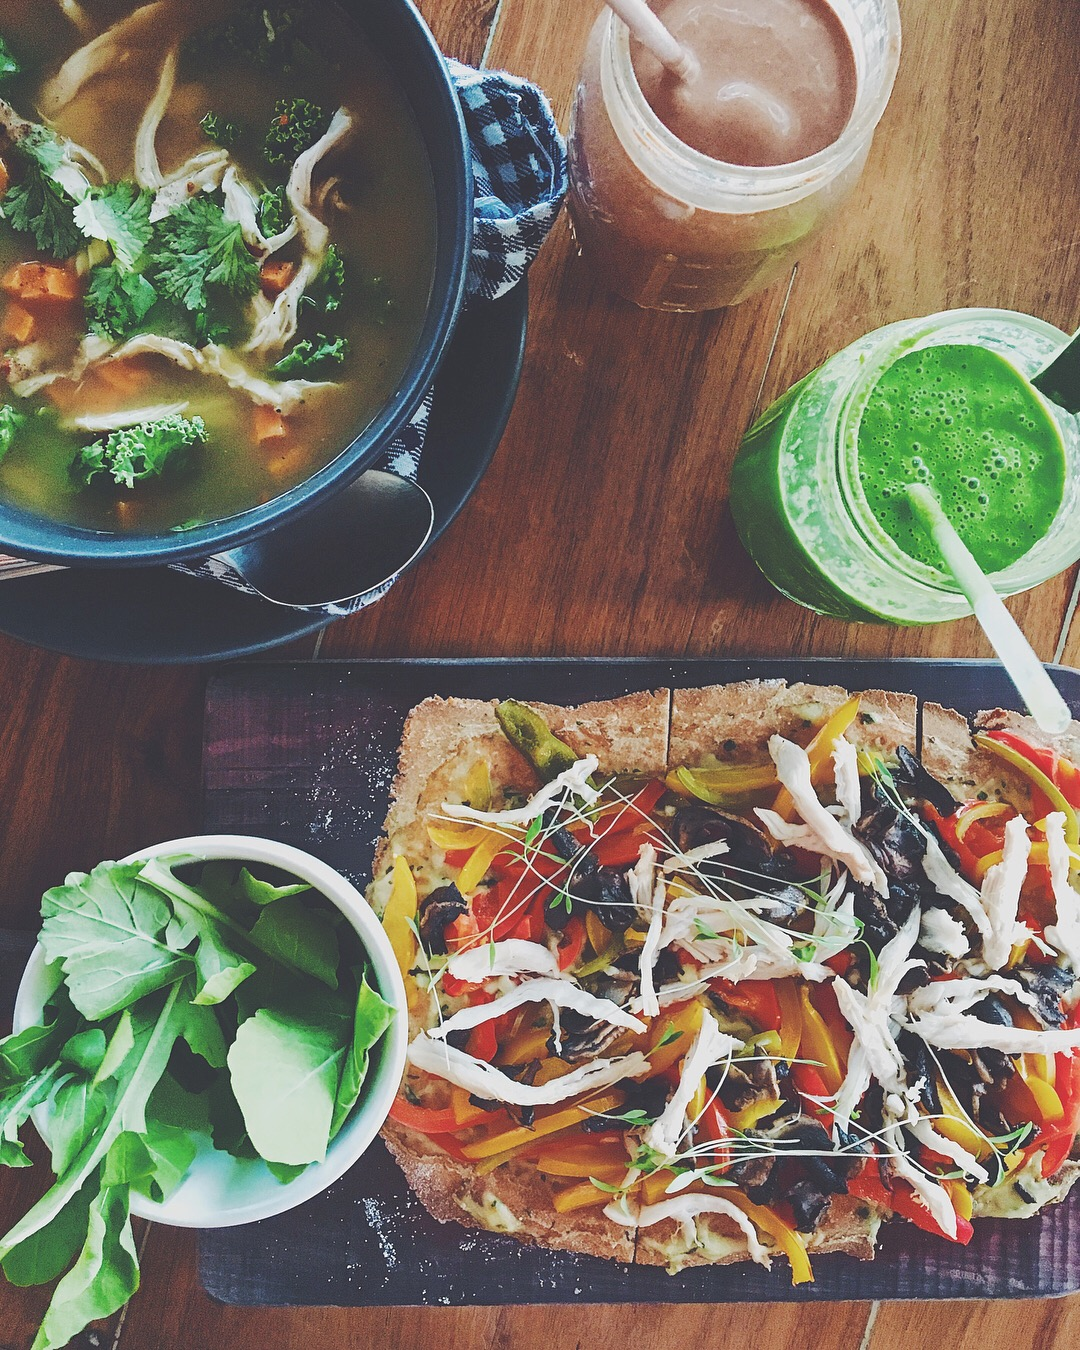 Vegan Broth, Chicken Flatbread, Green Smoothie